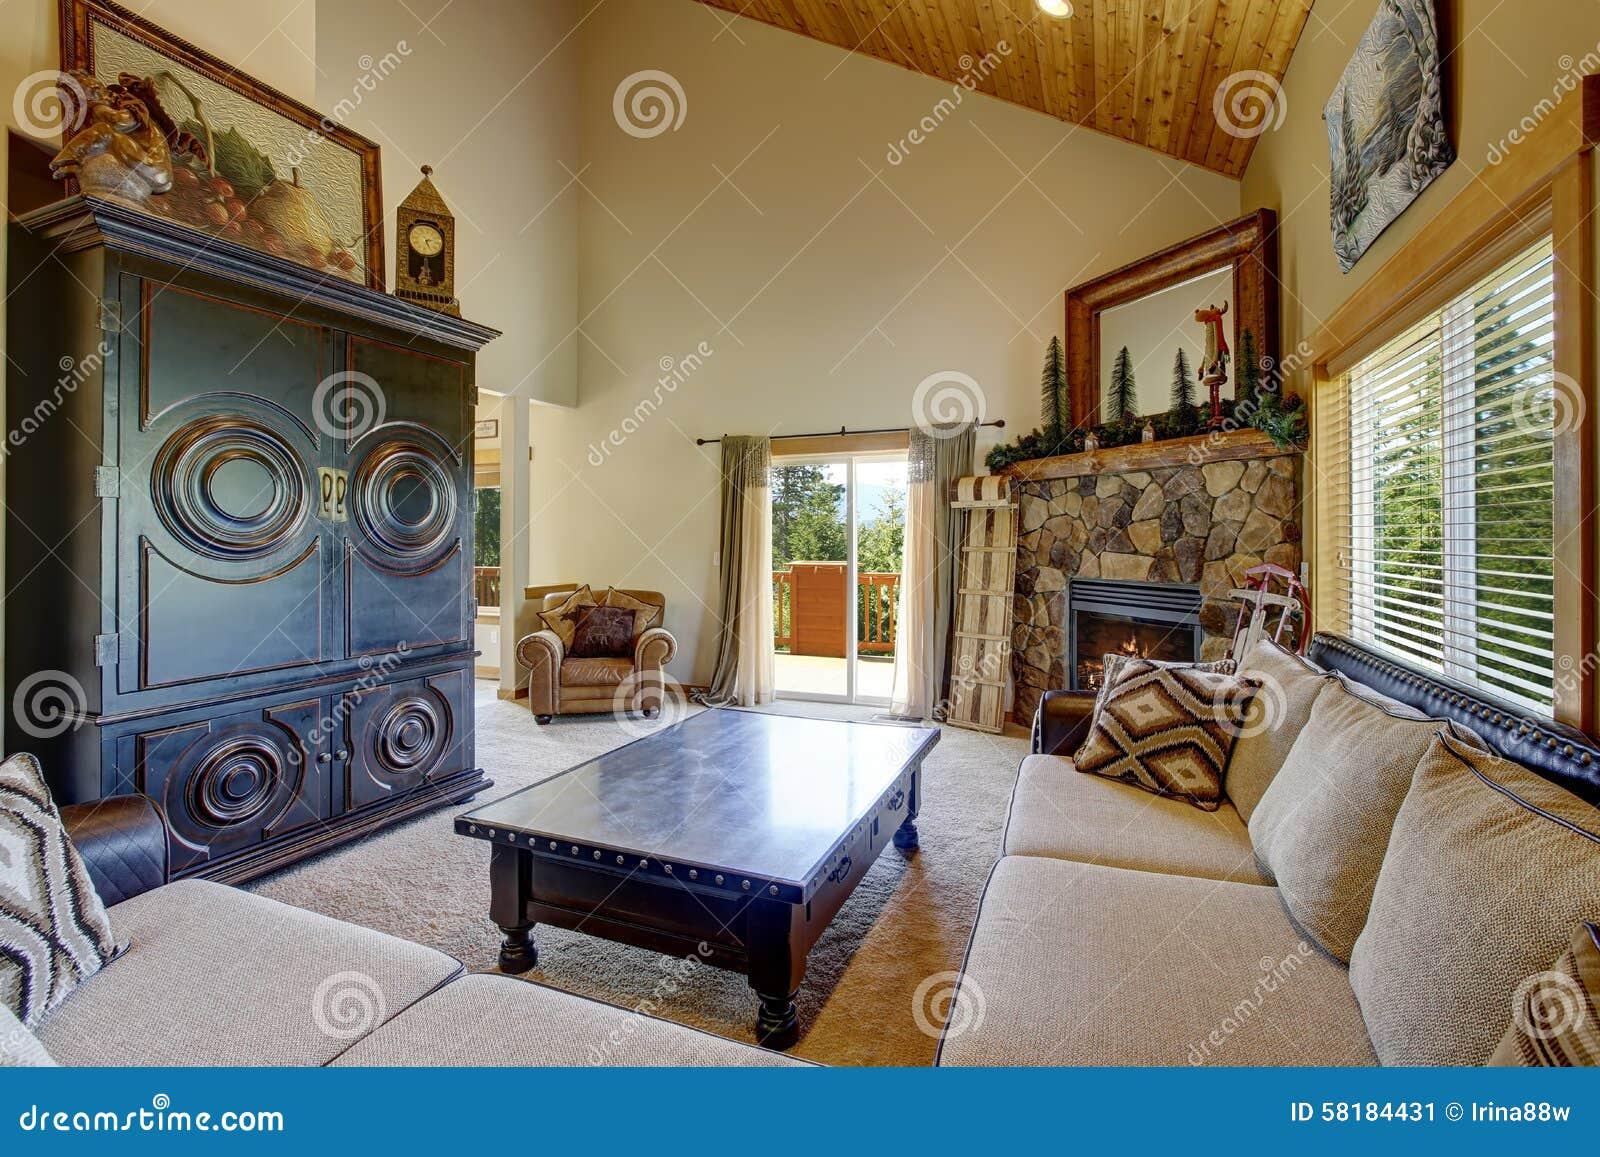 Decorazioni Per Casa Montagna : Decorazione di stile della montagna nel salone moderno di giorno